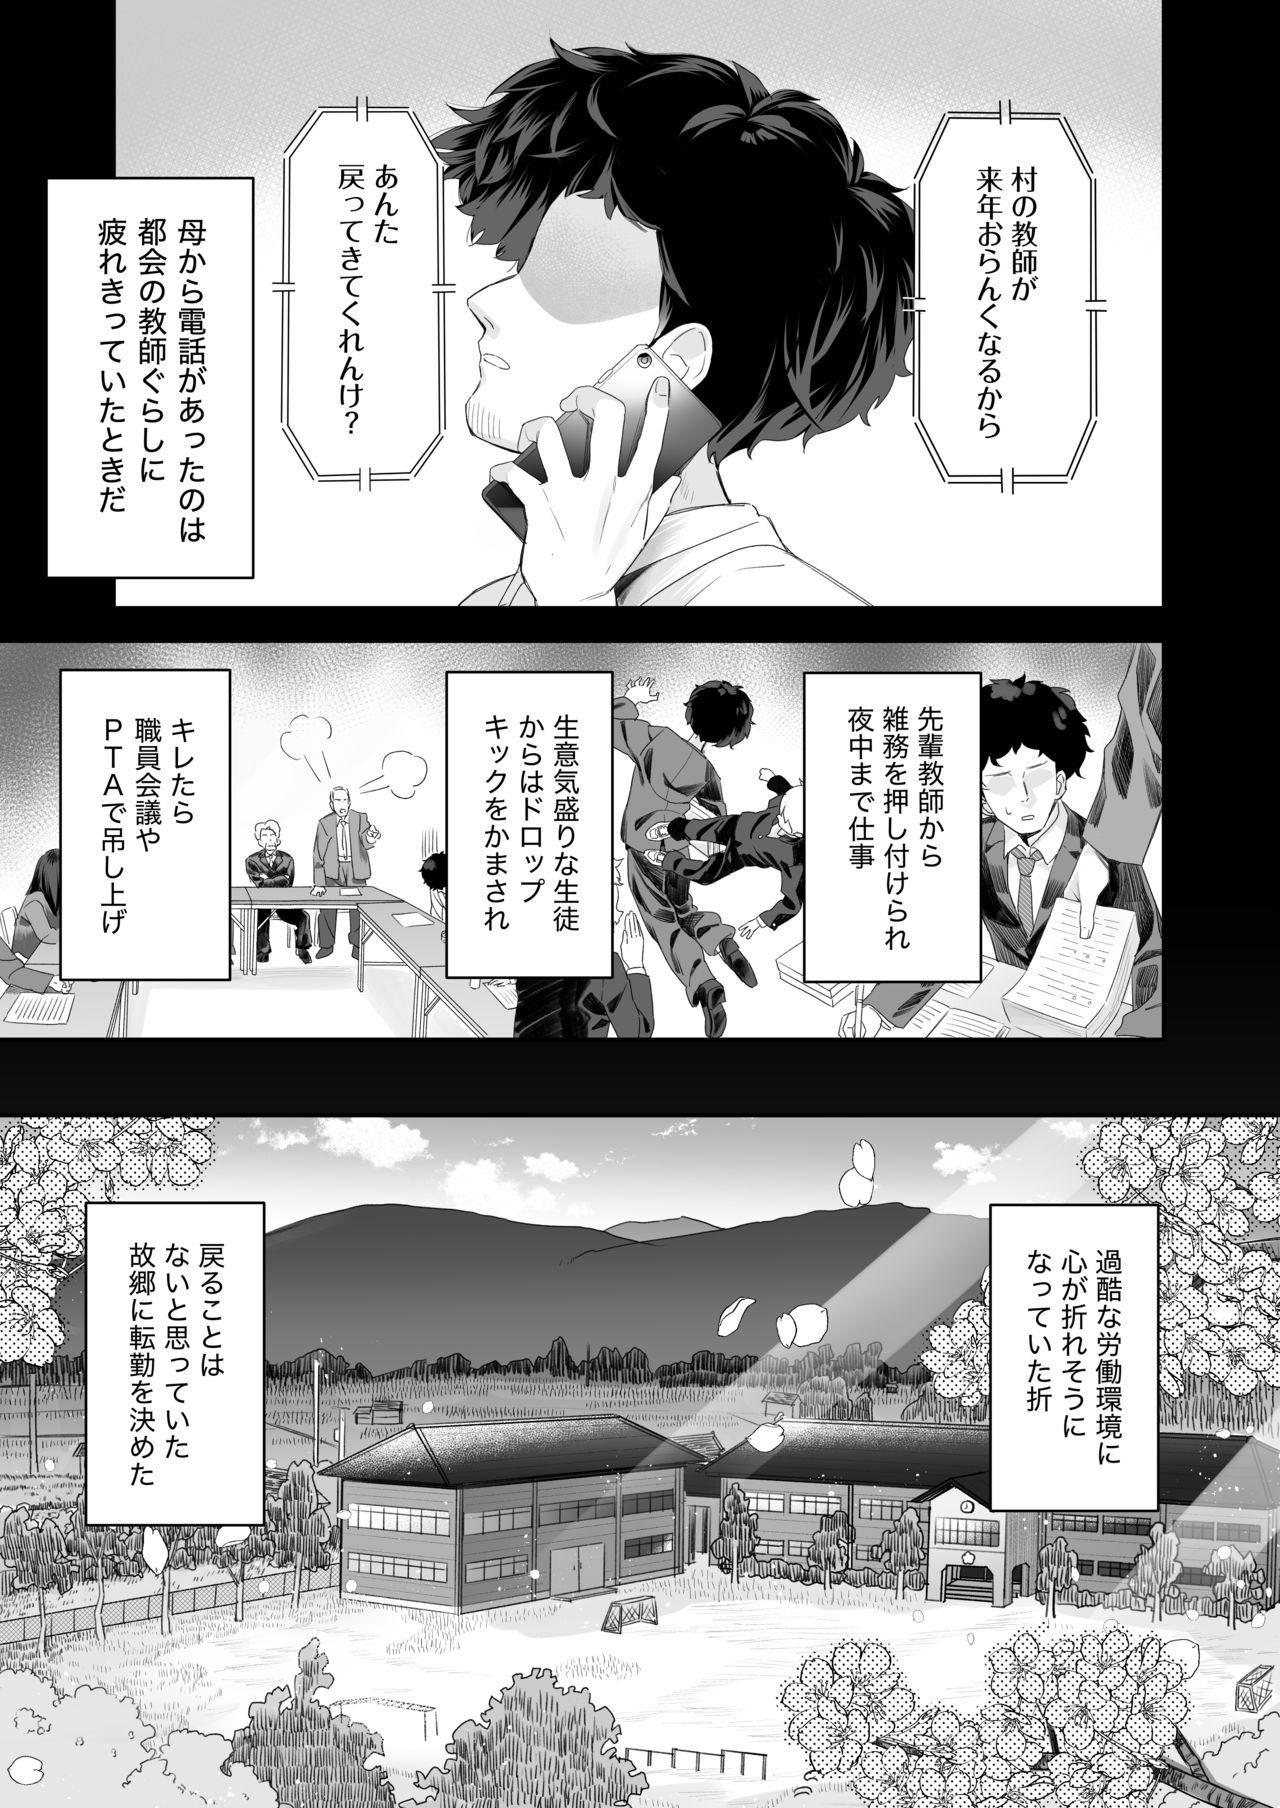 Kyoushi Hitori, Seito Hitori. 1